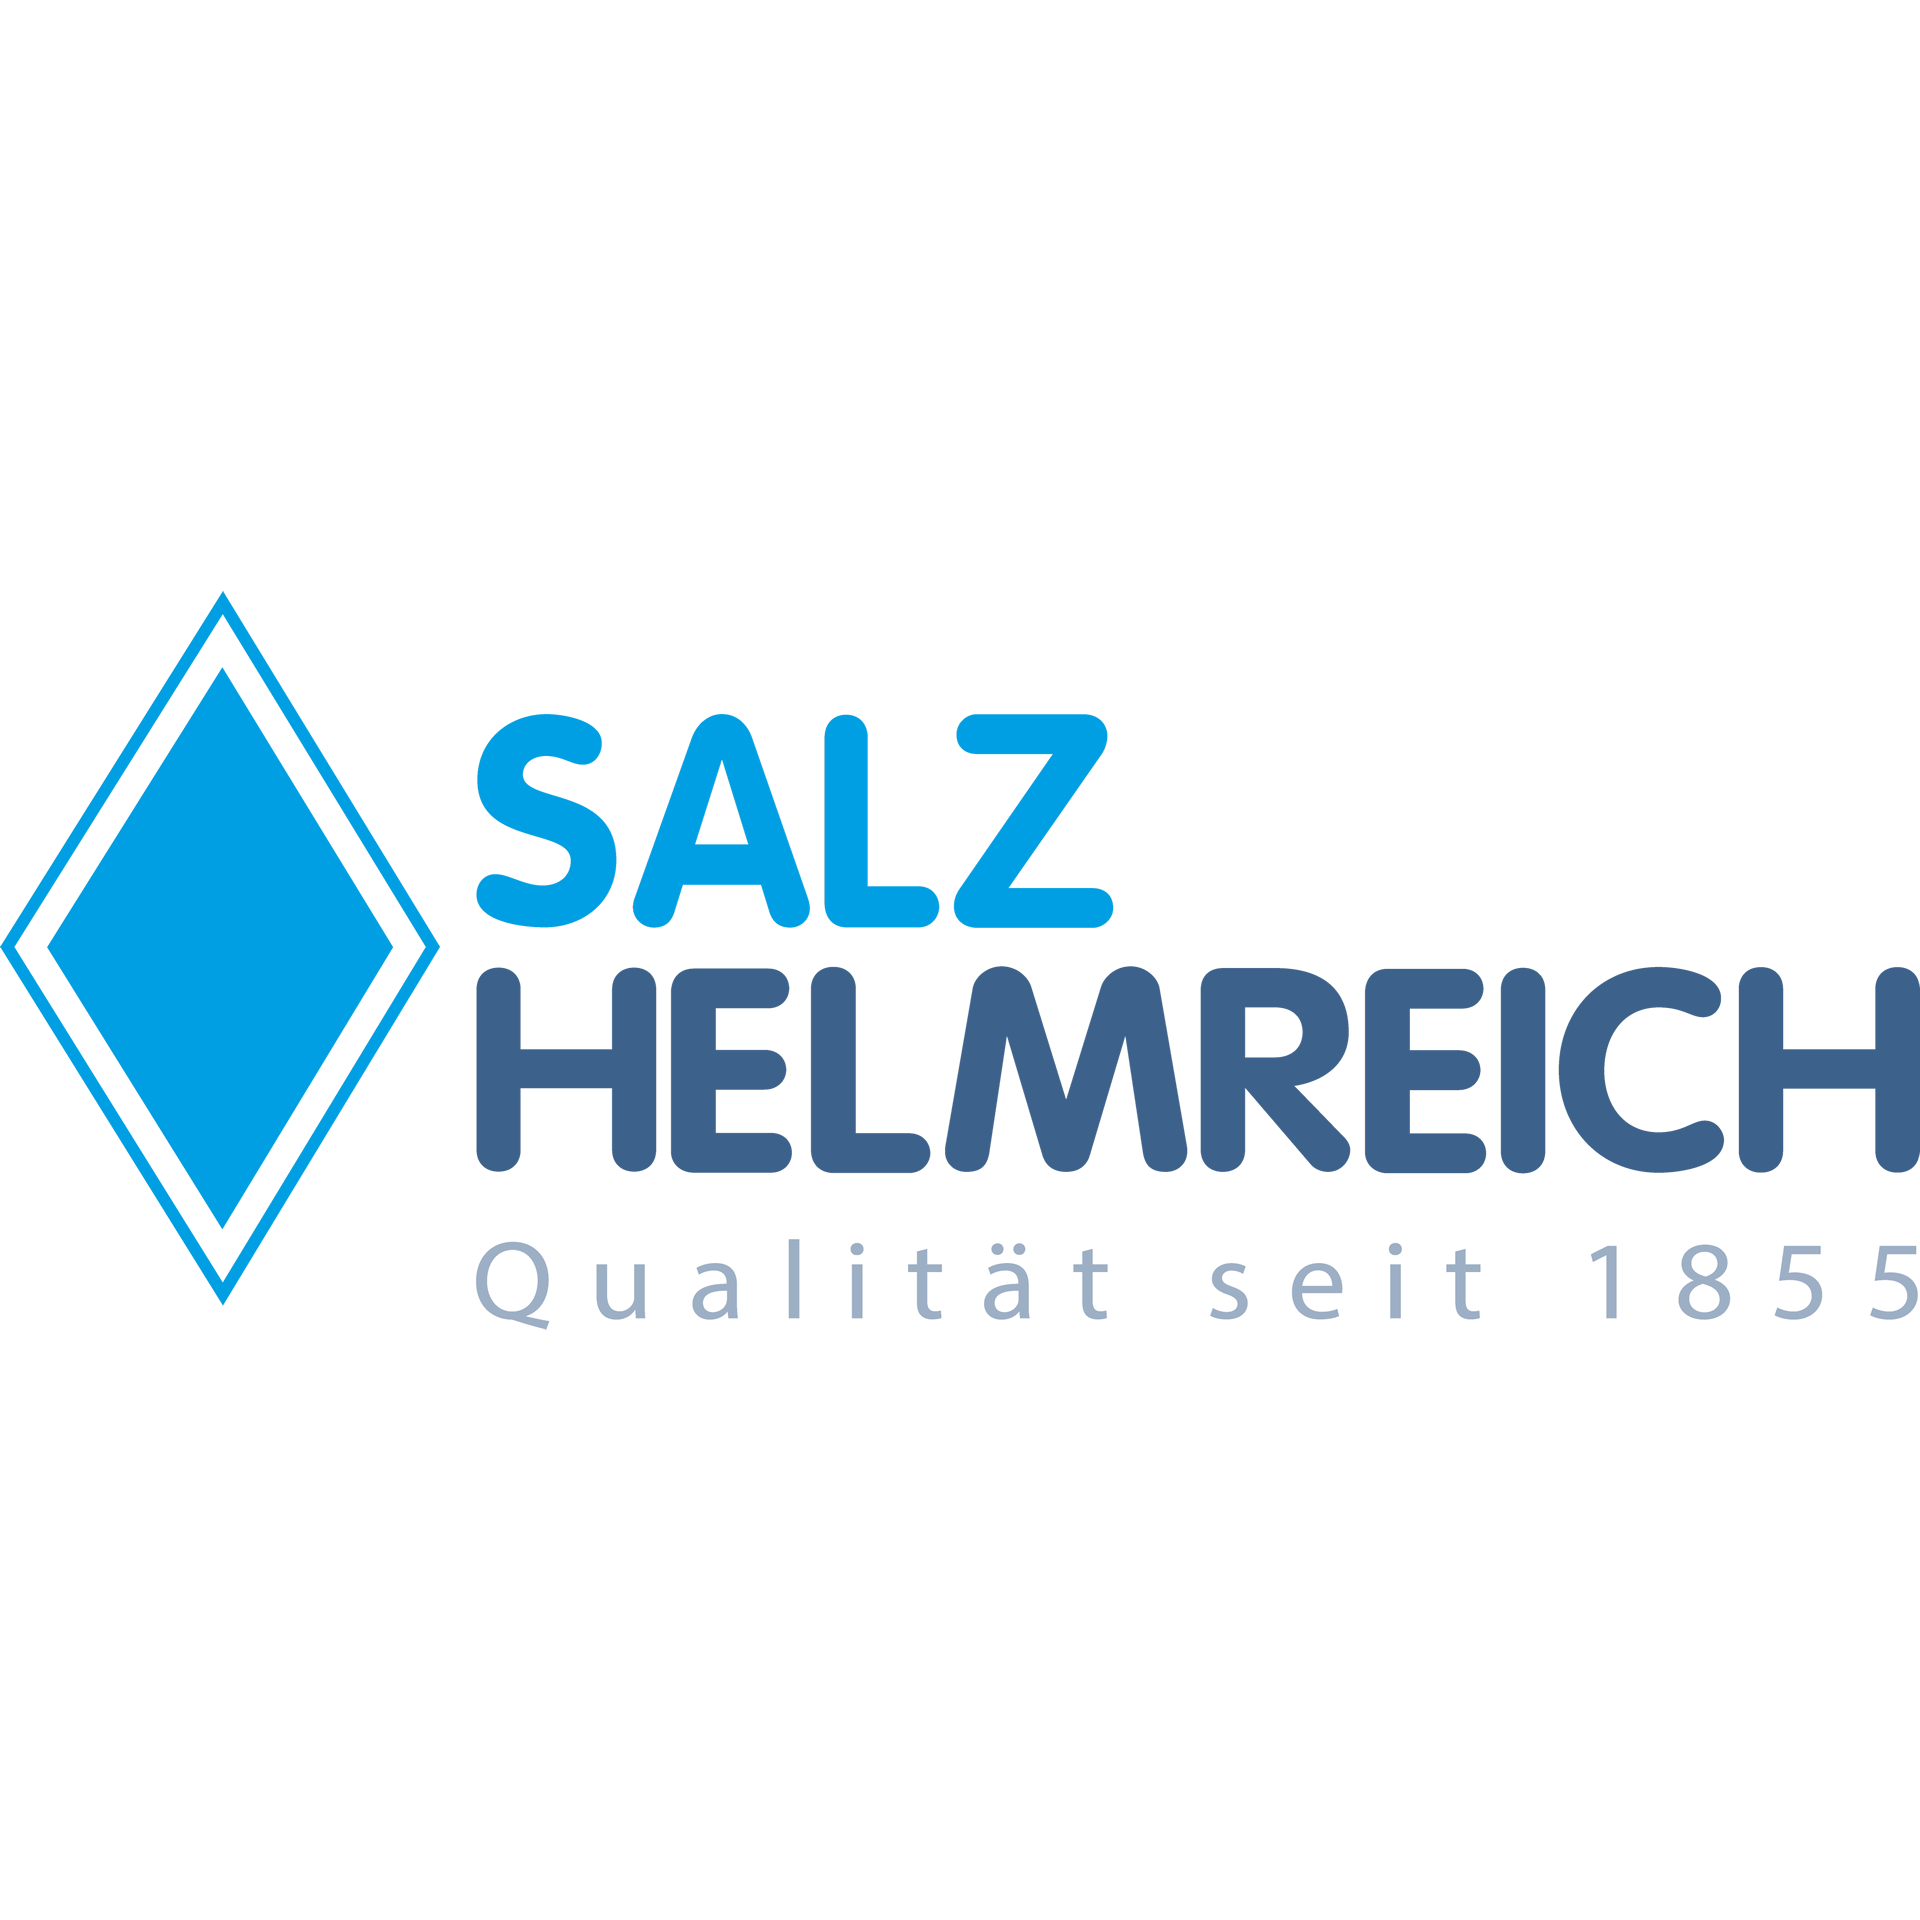 Siede - Speisesalz Pudersalz/extrafein 0-0,3mm im 25kg Sack